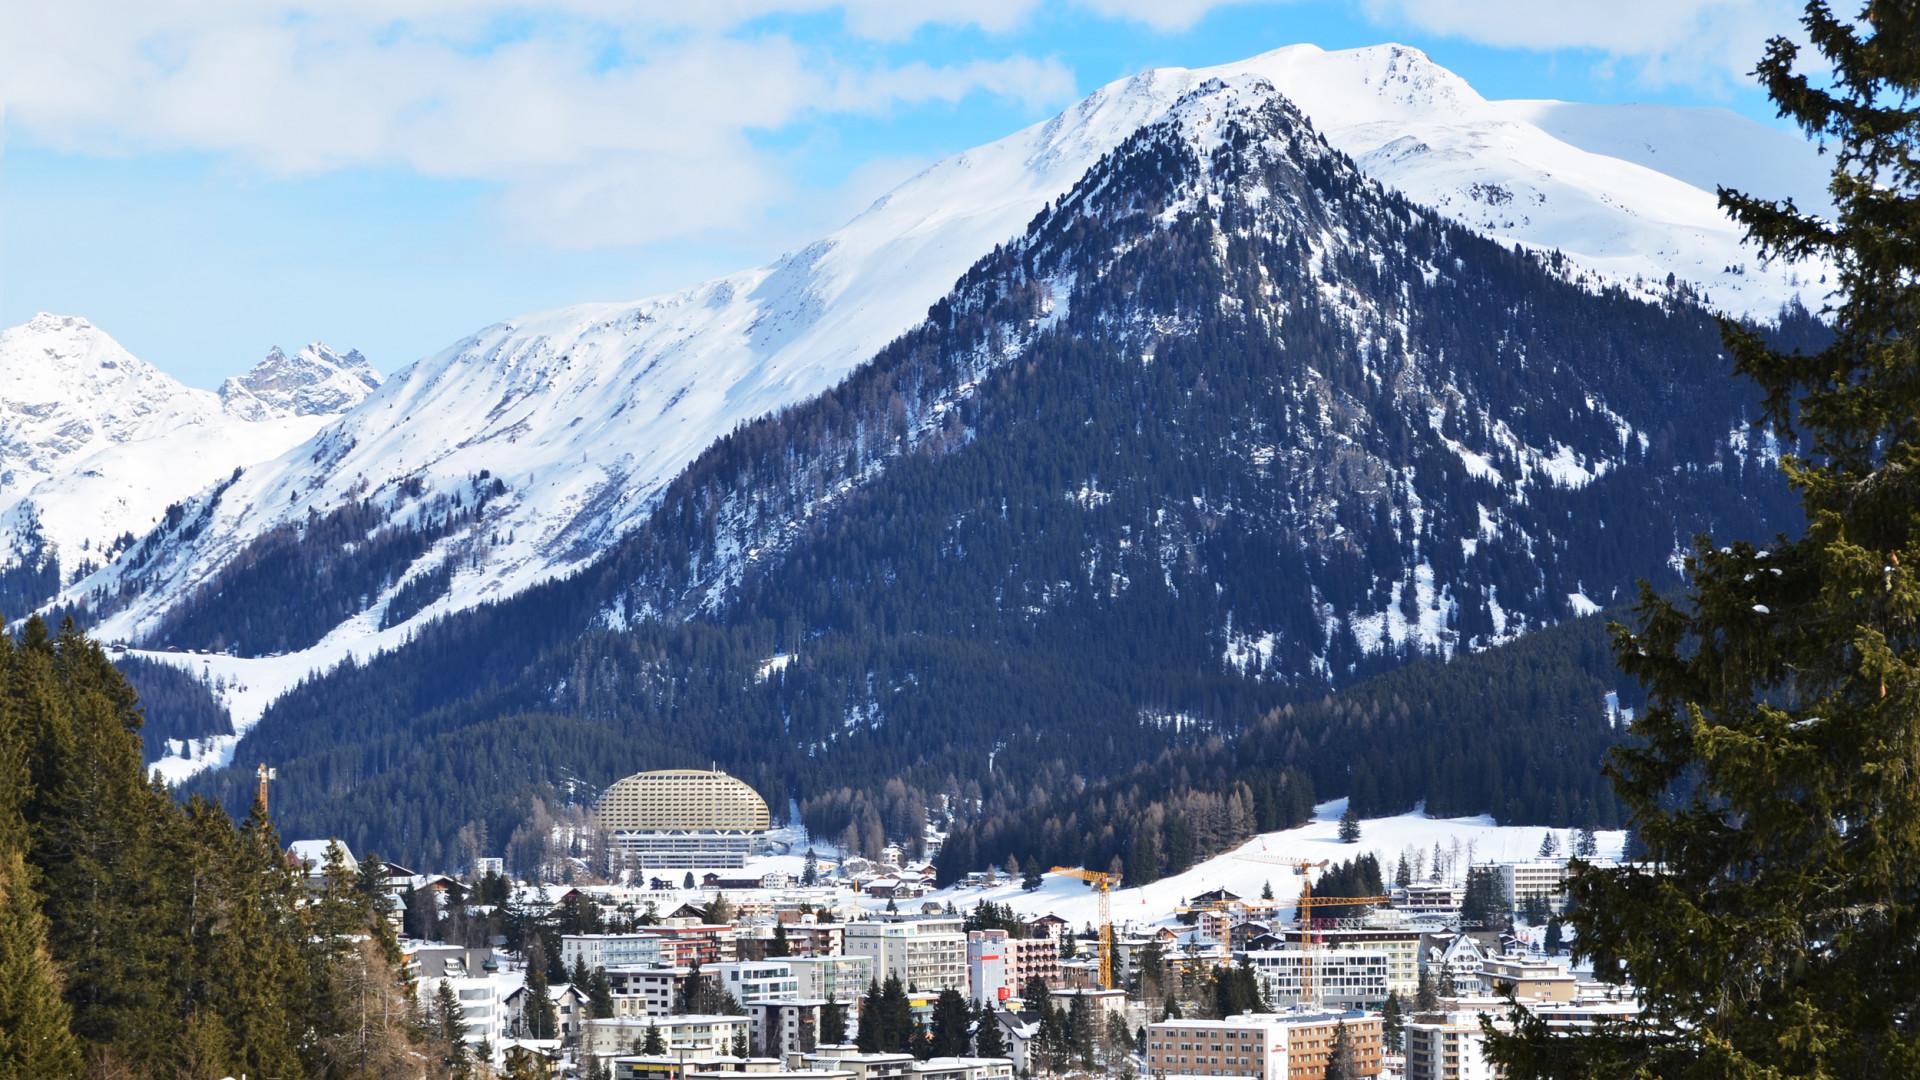 Koronavírus: telefonadatokat kér a svájci kormány a lakosság mozgásáról